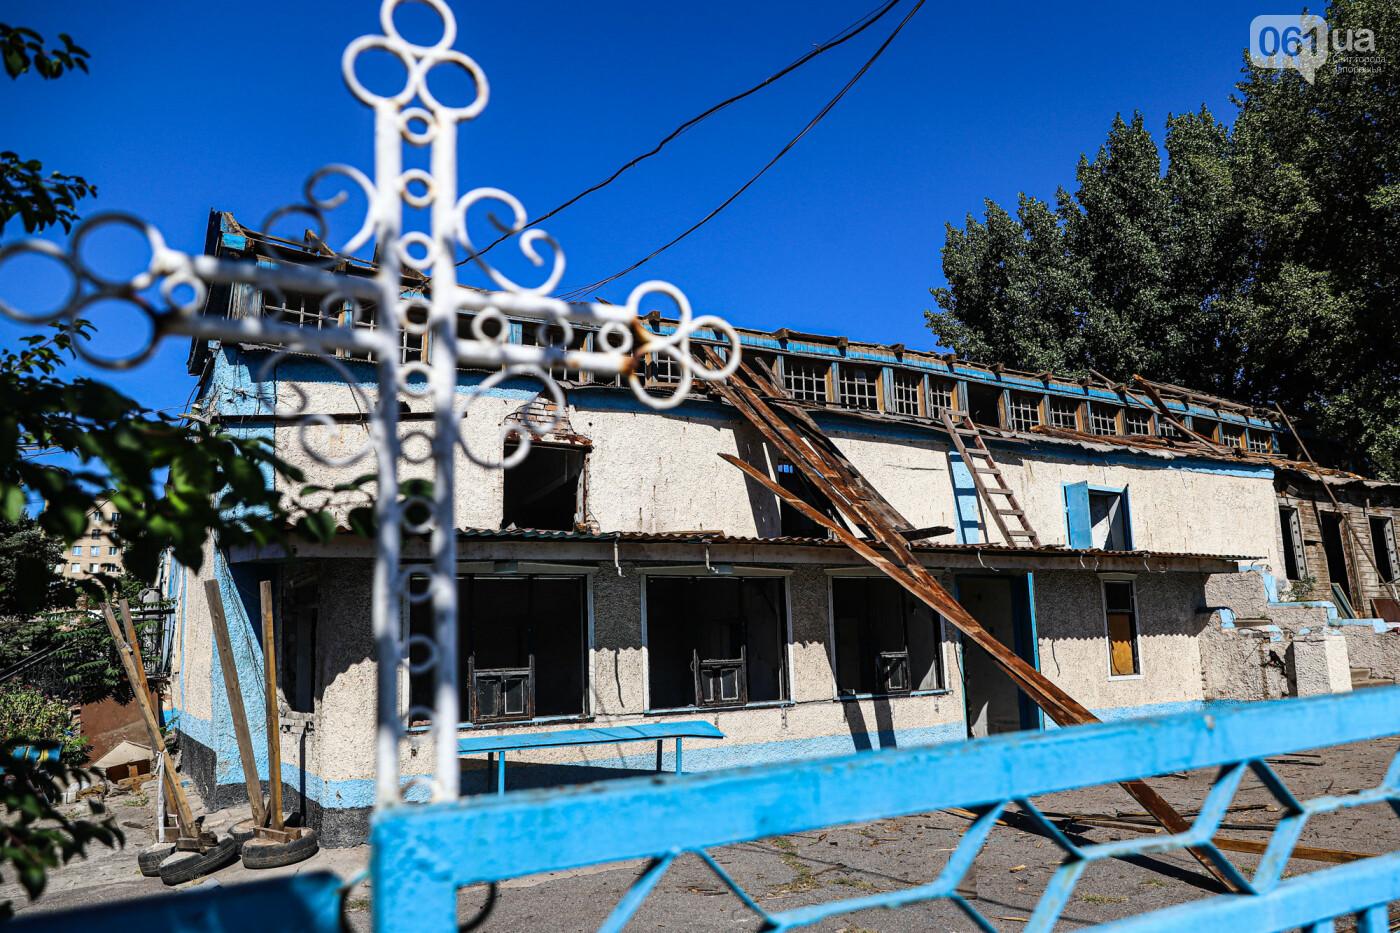 """""""Дело пономарей"""": в Запорожье начали разбирать храм, который пострадал в результате взрыва, - ФОТОРЕПОРТАЖ, фото-10"""